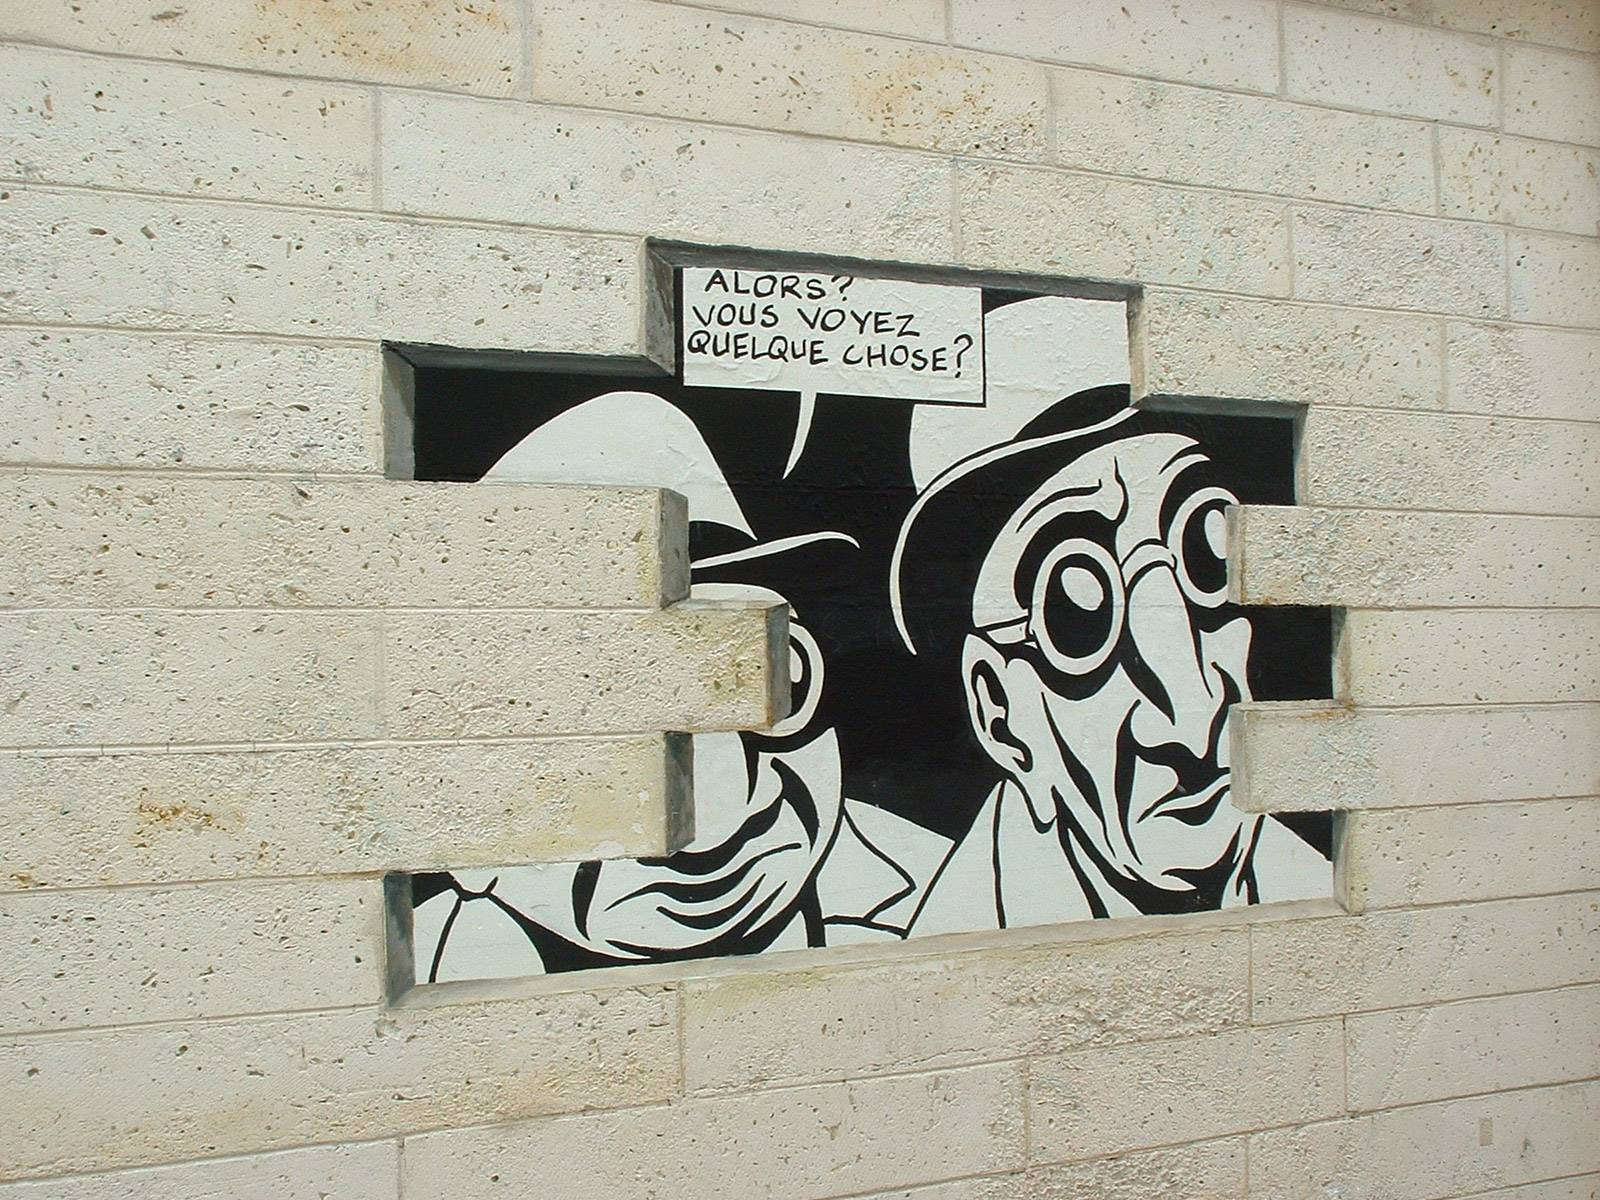 Mur peint - Réalité sortie de secours - © LAVAL Sébastien - Charente-Tourisme